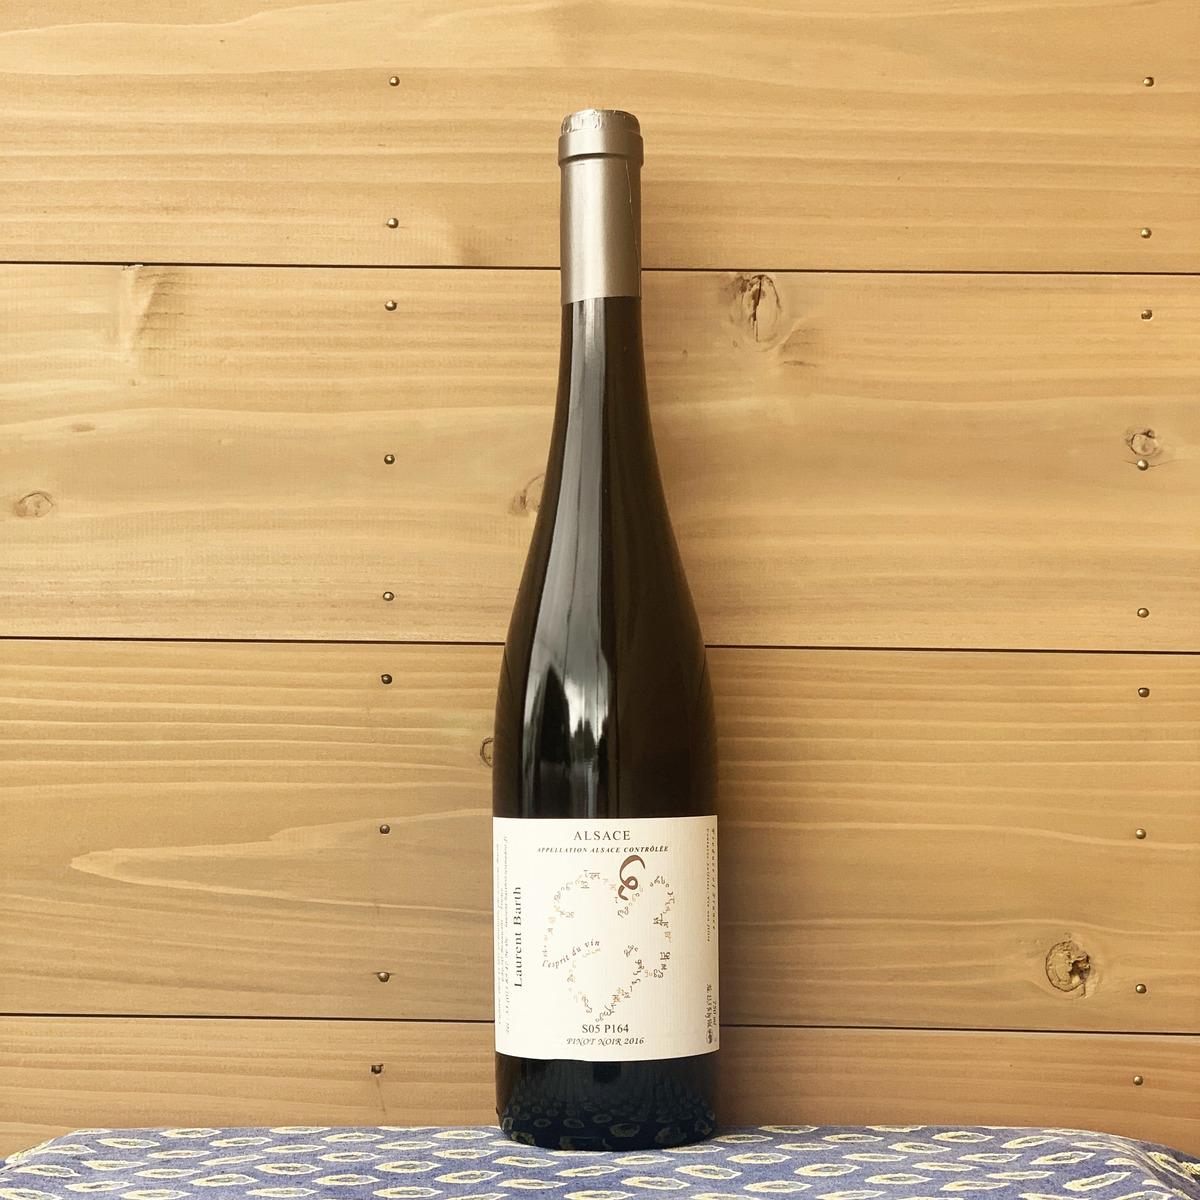 きれいな仕上がりのピノ ノワール 人気の生産者です アルザス地方 フランス 入手困難 ローラン '16 公式ショップ 自然派ワイン 赤ワイン ピノ バルツ